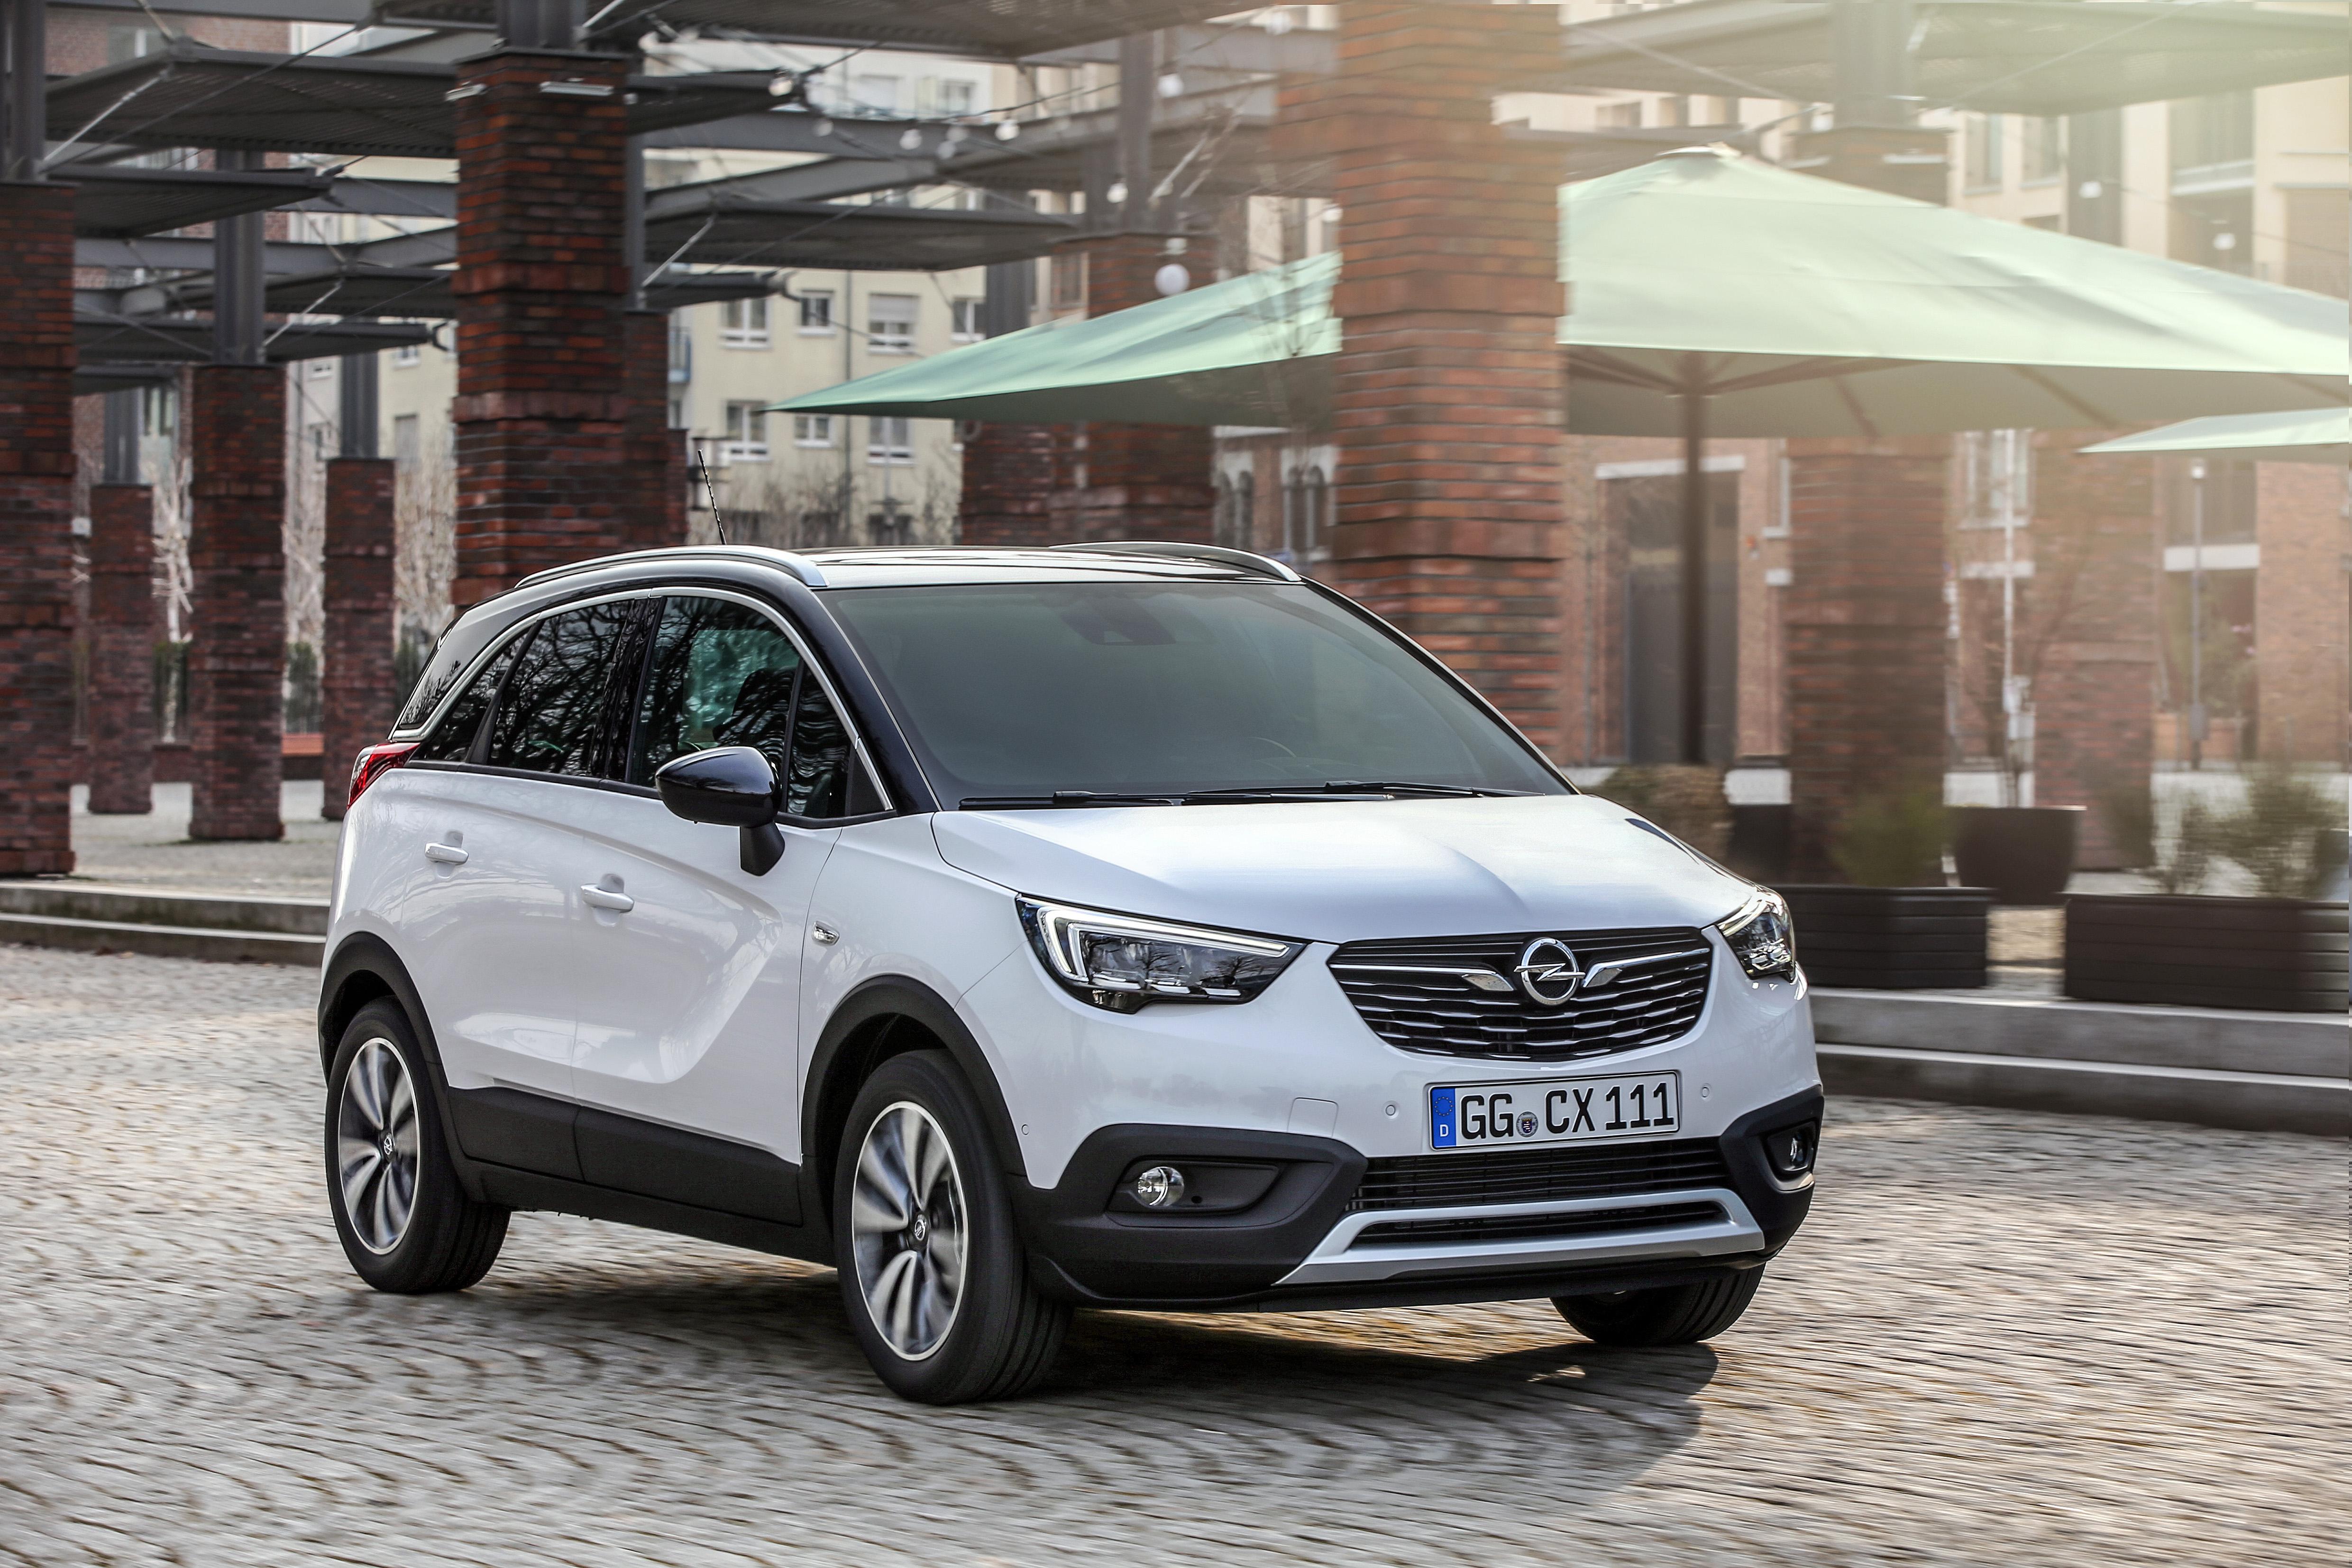 Coole cross-over: lancering van nieuwe Opel Crossland X